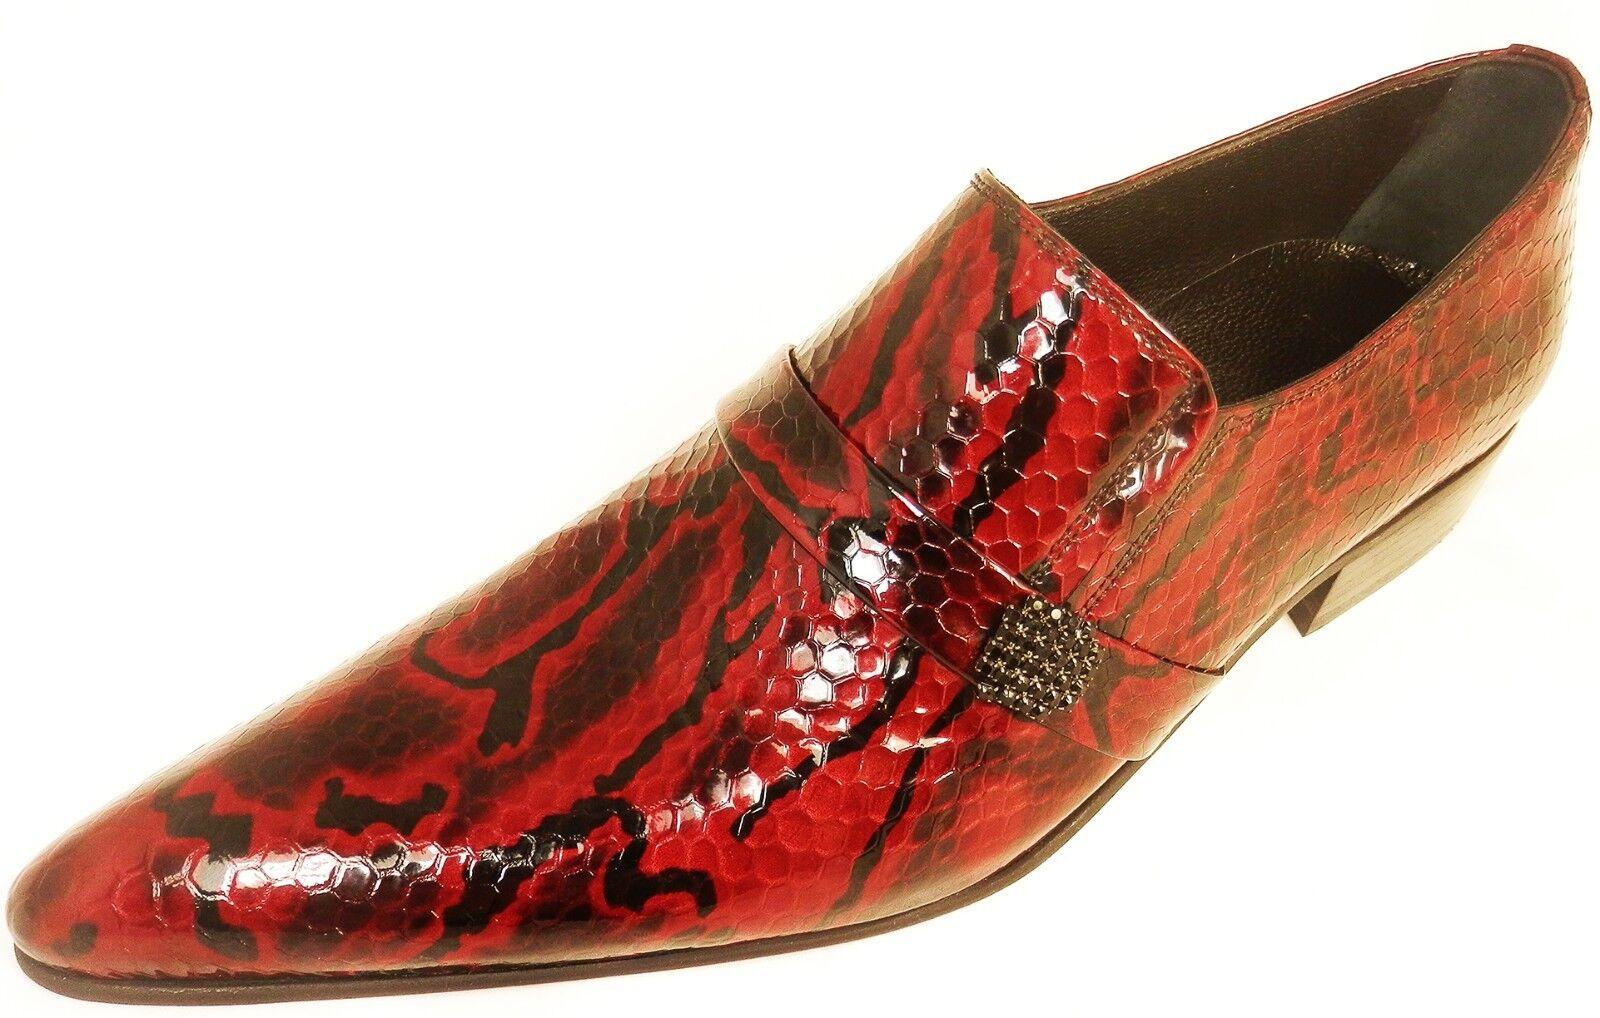 Chelsy-Designer Italiano Slipper Python handmade pagine SPILLA Pelle Rosso